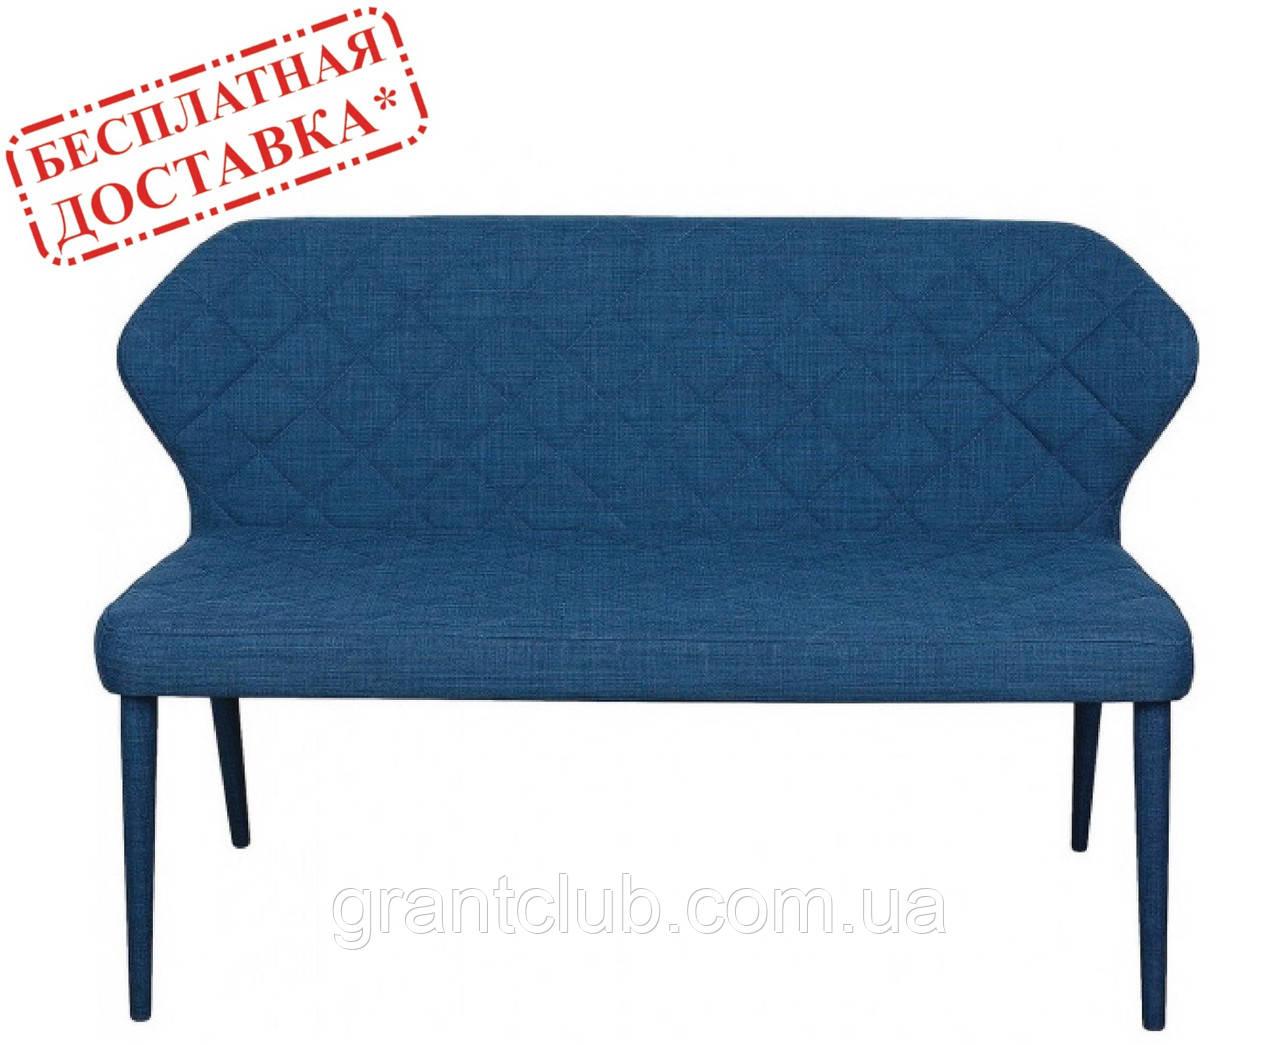 Кресло - банкетка VALENCIA (Валенсия) текстиль синий Nicolas (бесплатная адресная доставка)